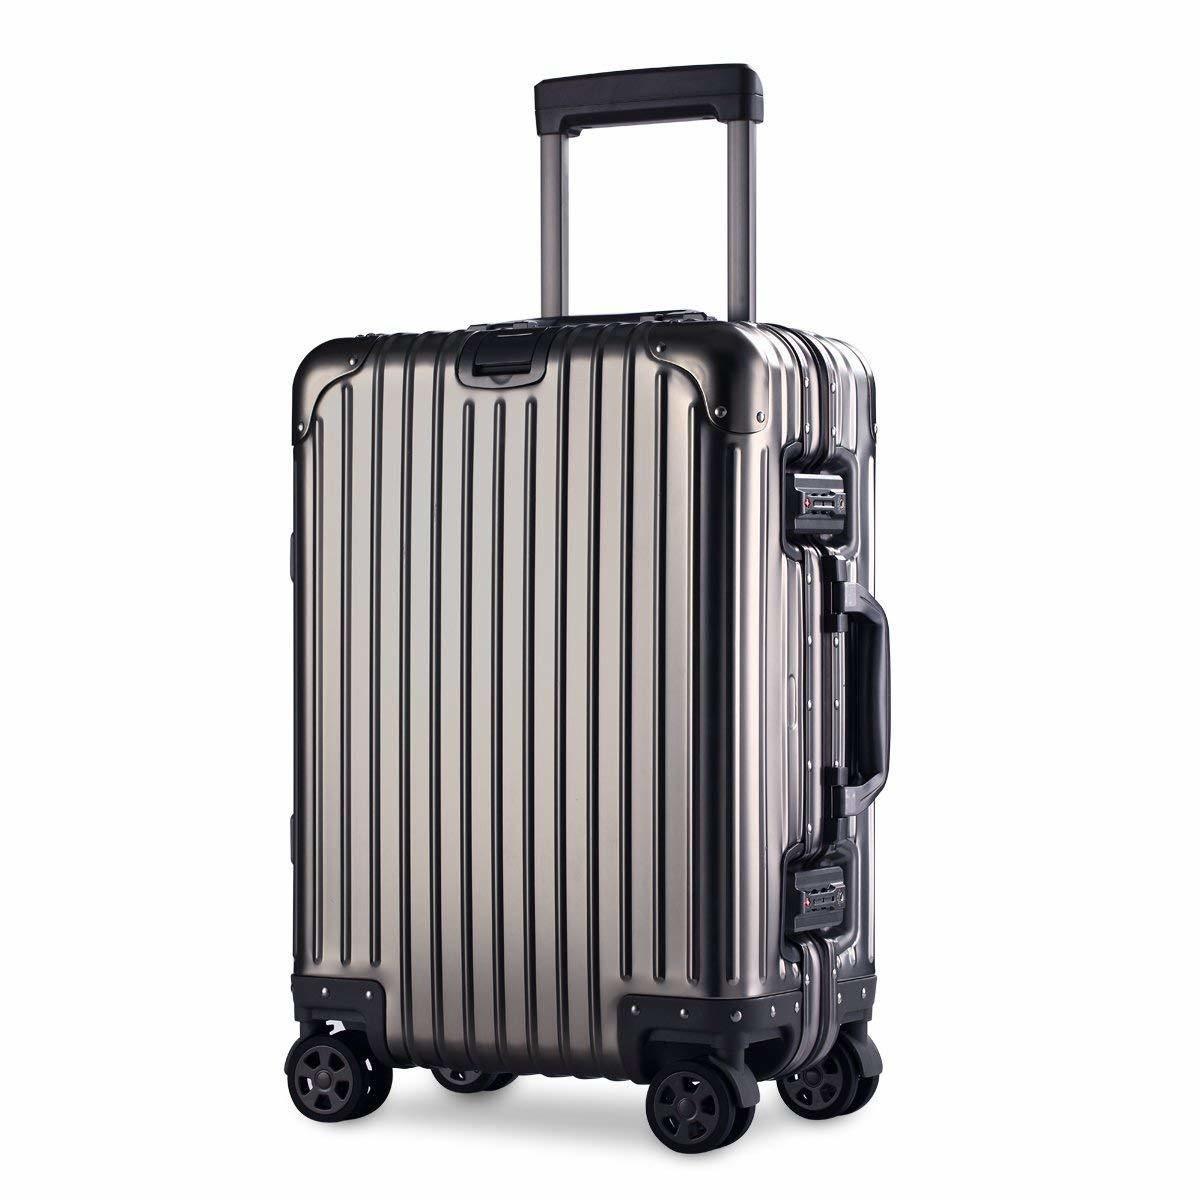 スーツケース アルミマグネシウム合金 キャリーバッグ 360度回転 静音キャスター TSAロック フレームタイプ 保護カバー付 軽量 新品未使用